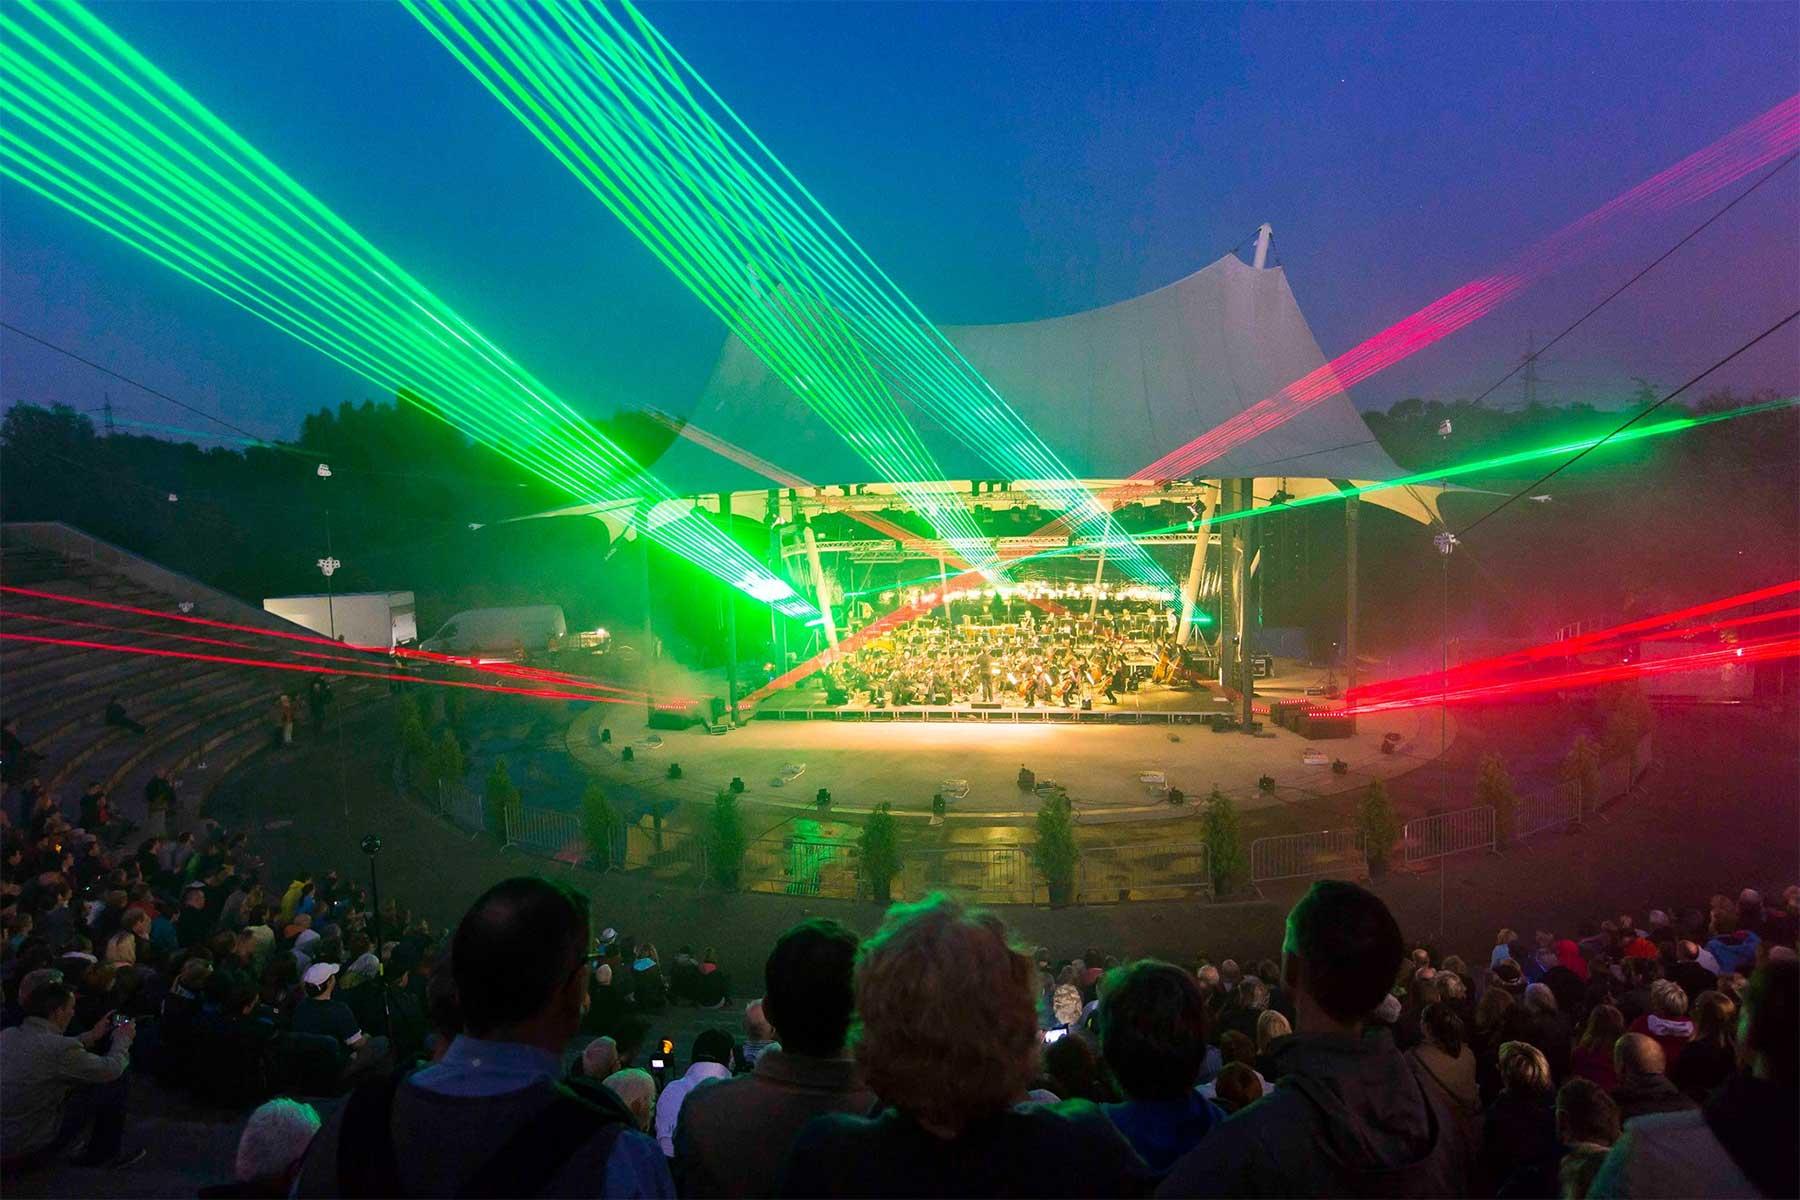 Veranstaltungs-Tipp: Samstag ist ExtraSchicht in der Metropole Ruhr ExtraSchicht-2018_03